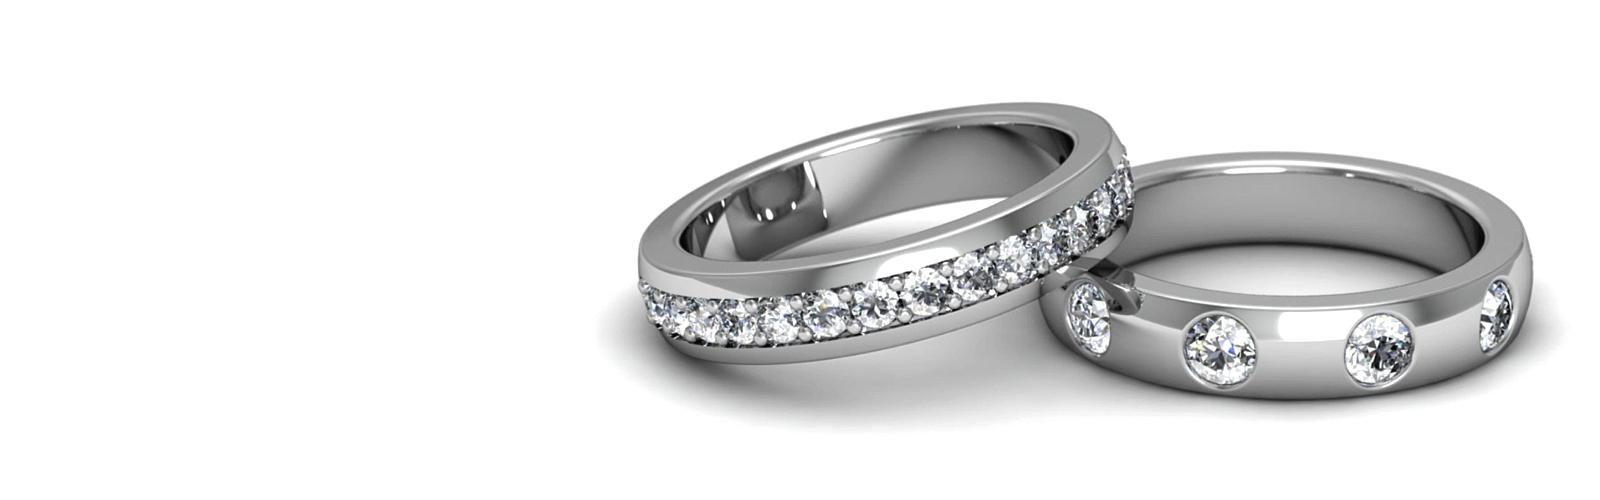 Diamond-Encrusted Wedding Bands